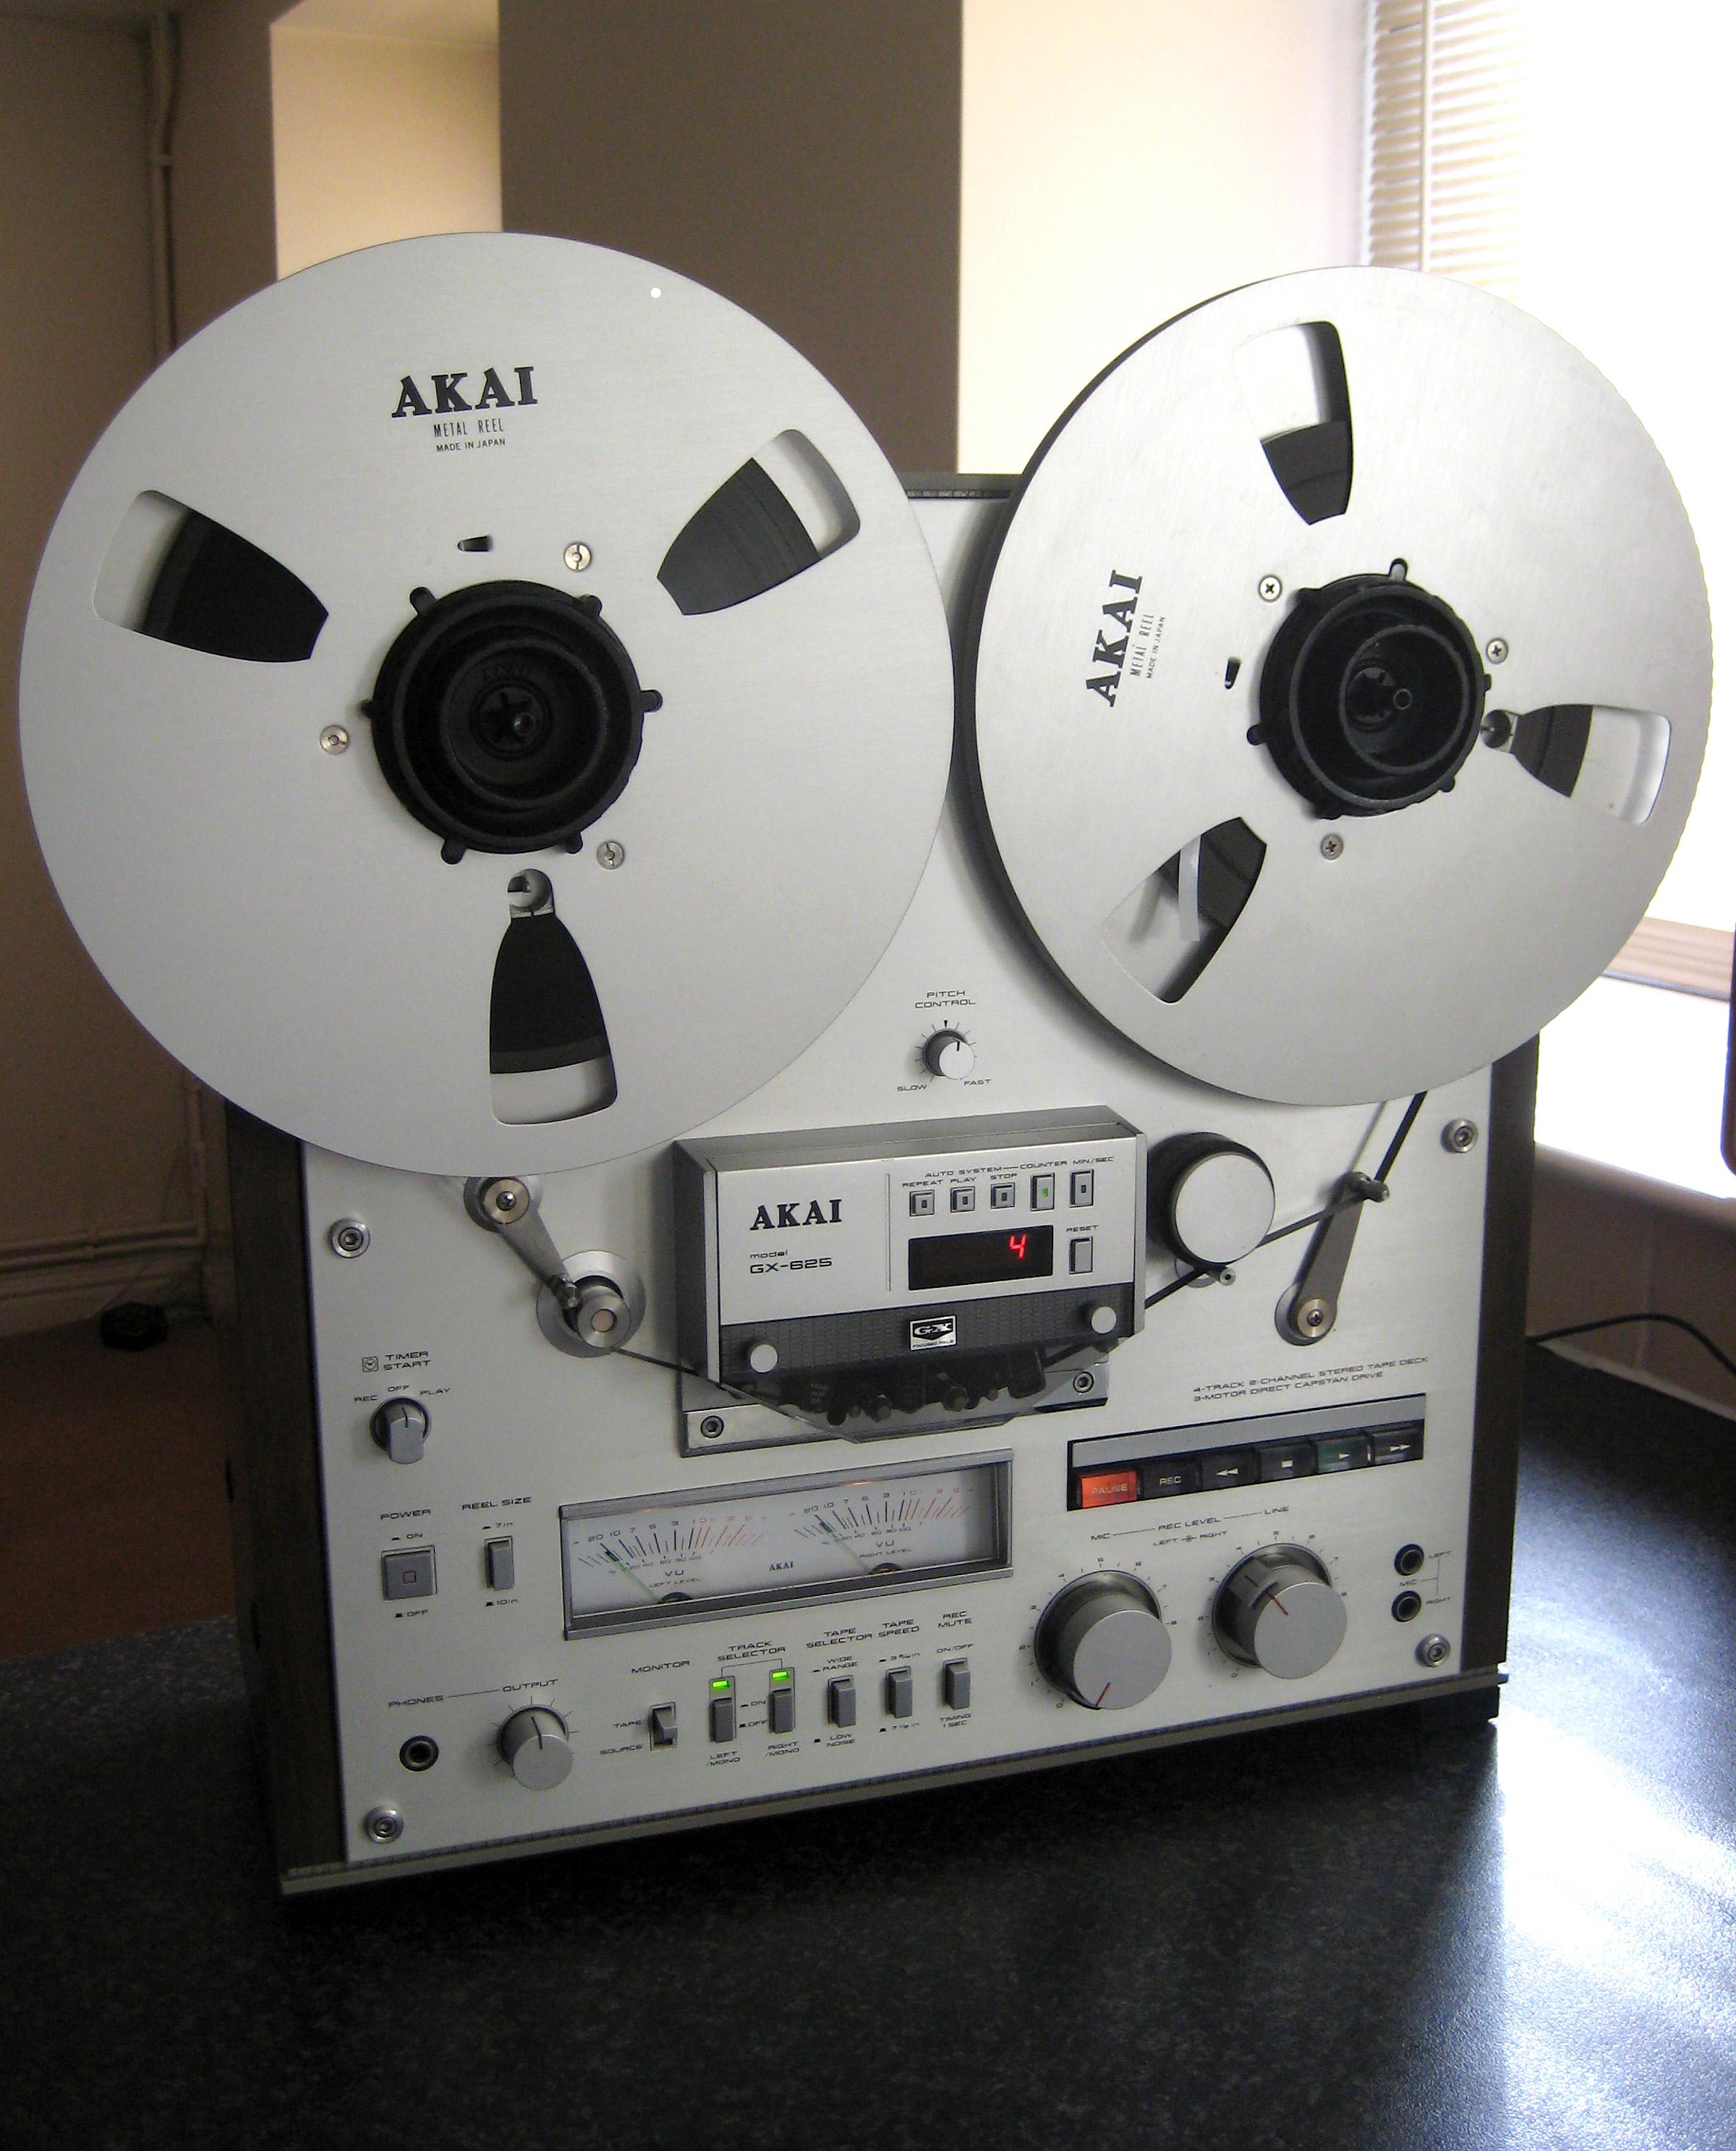 Akai Gx 625